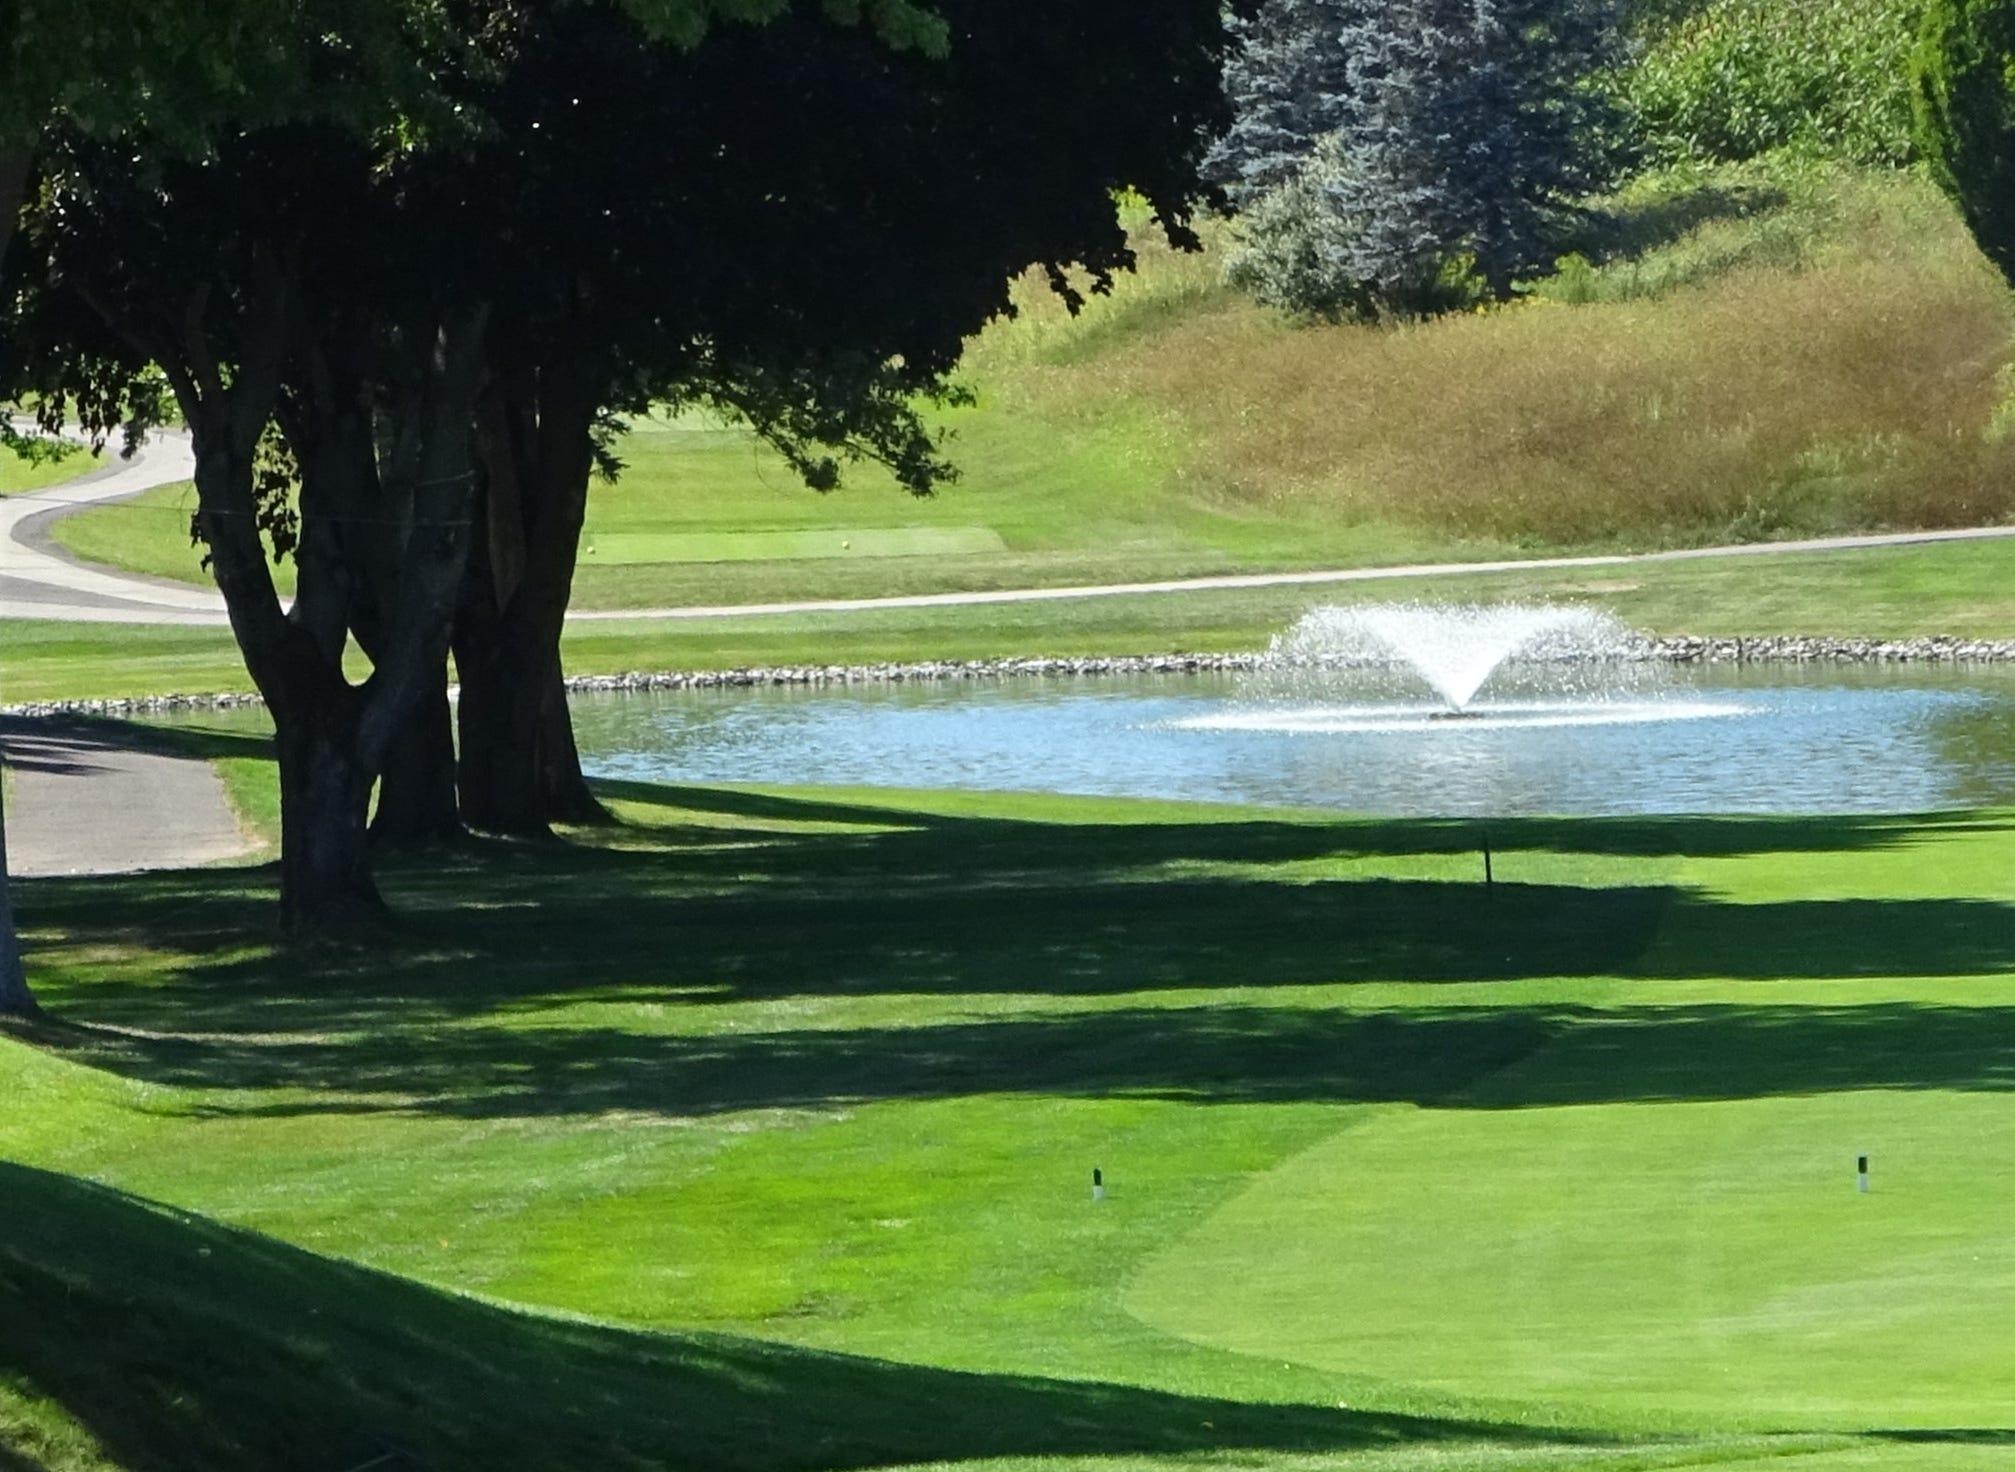 En-Joie Golf Course, Endicott.